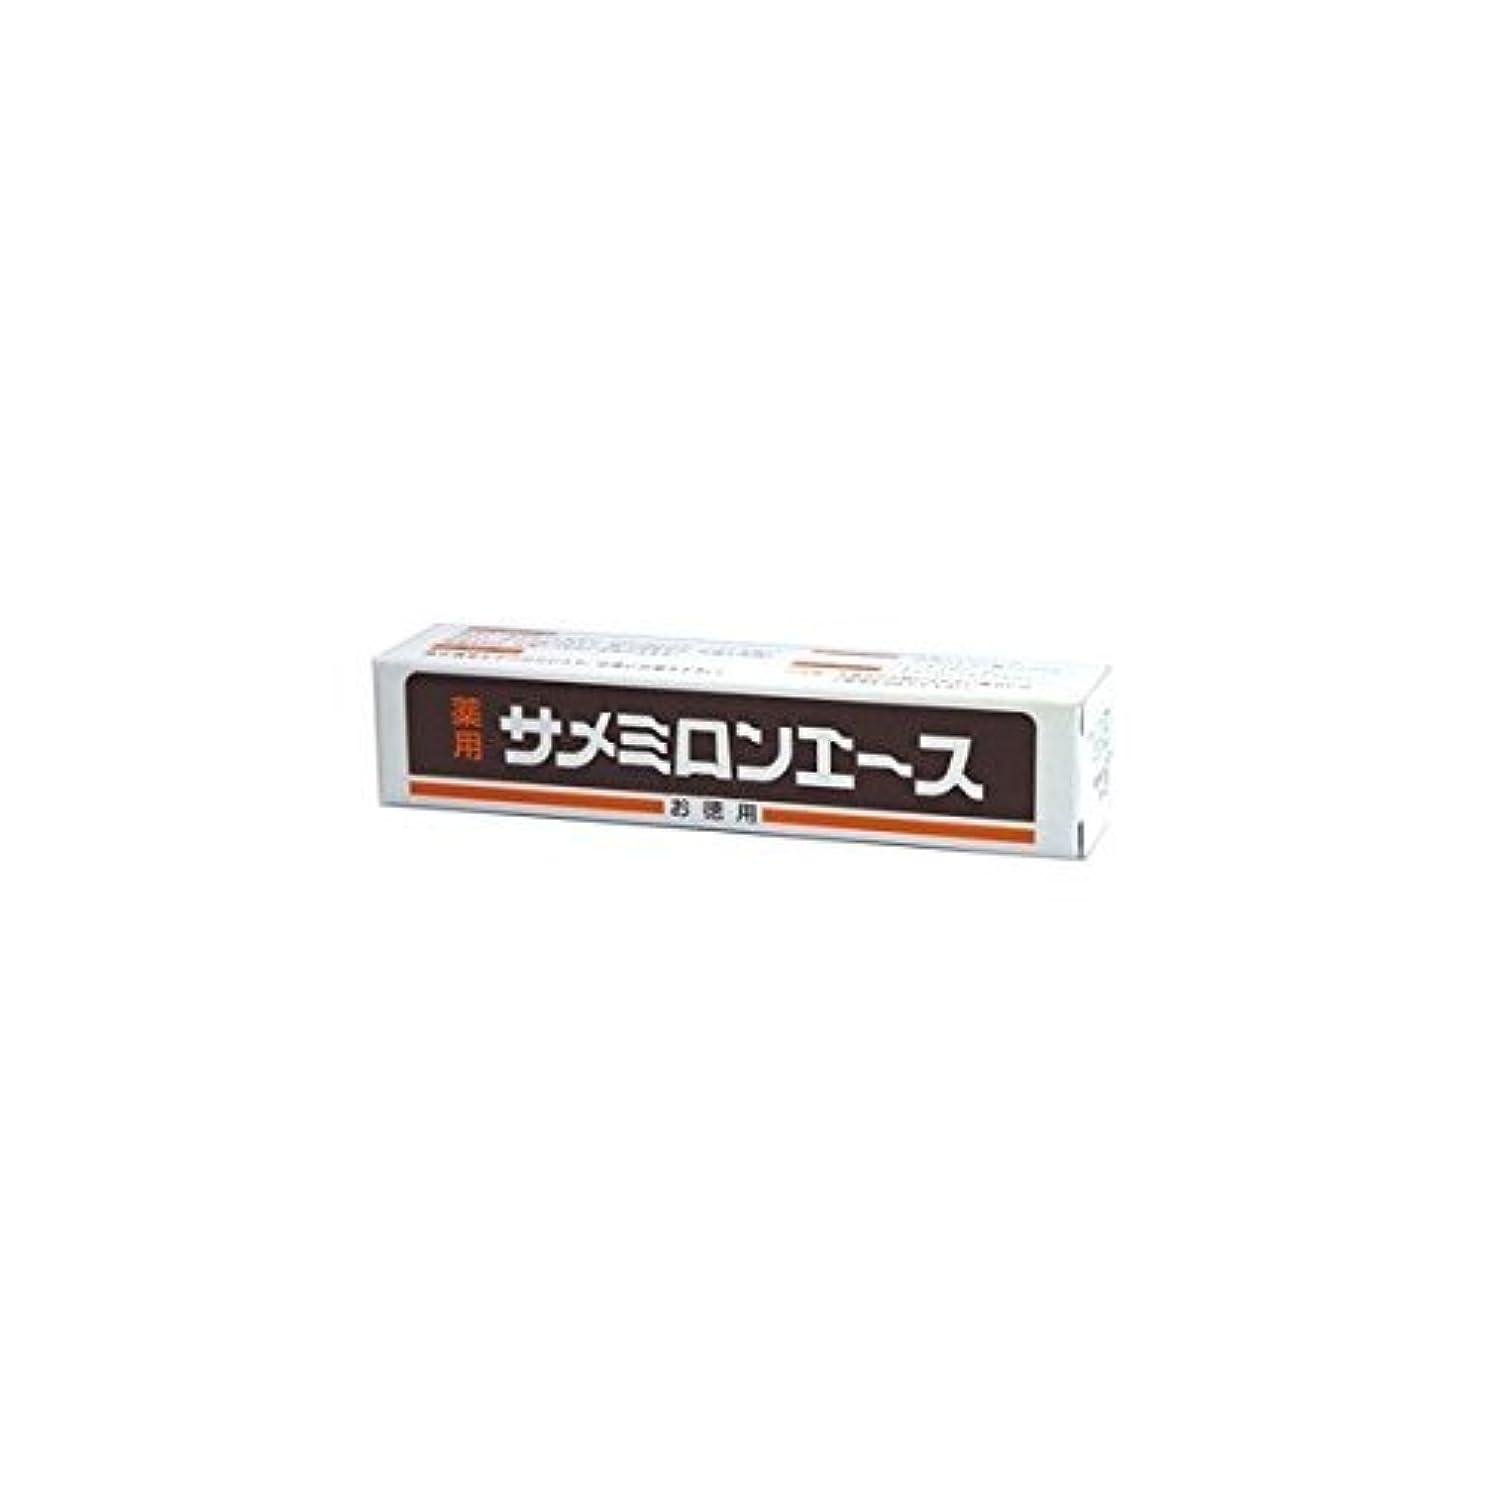 トイレ入口免除する薬用 サメミロンエース 20ml入り 2個 スクアレン配合